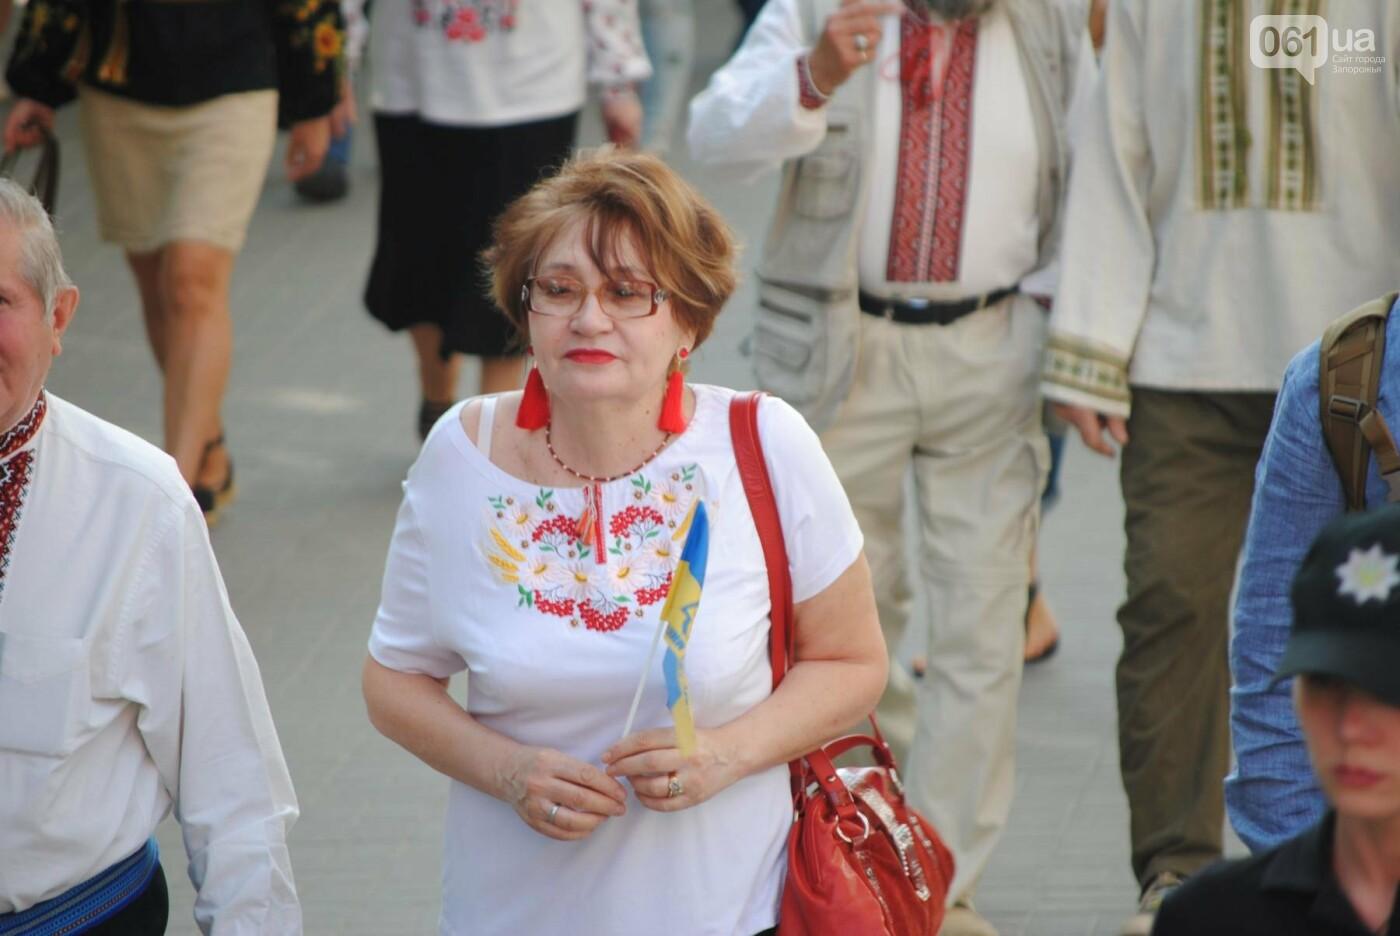 Несколько сотен запорожцев приняли участие в Марше вышиванок, - ФОТОРЕПОРТАЖ, фото-11